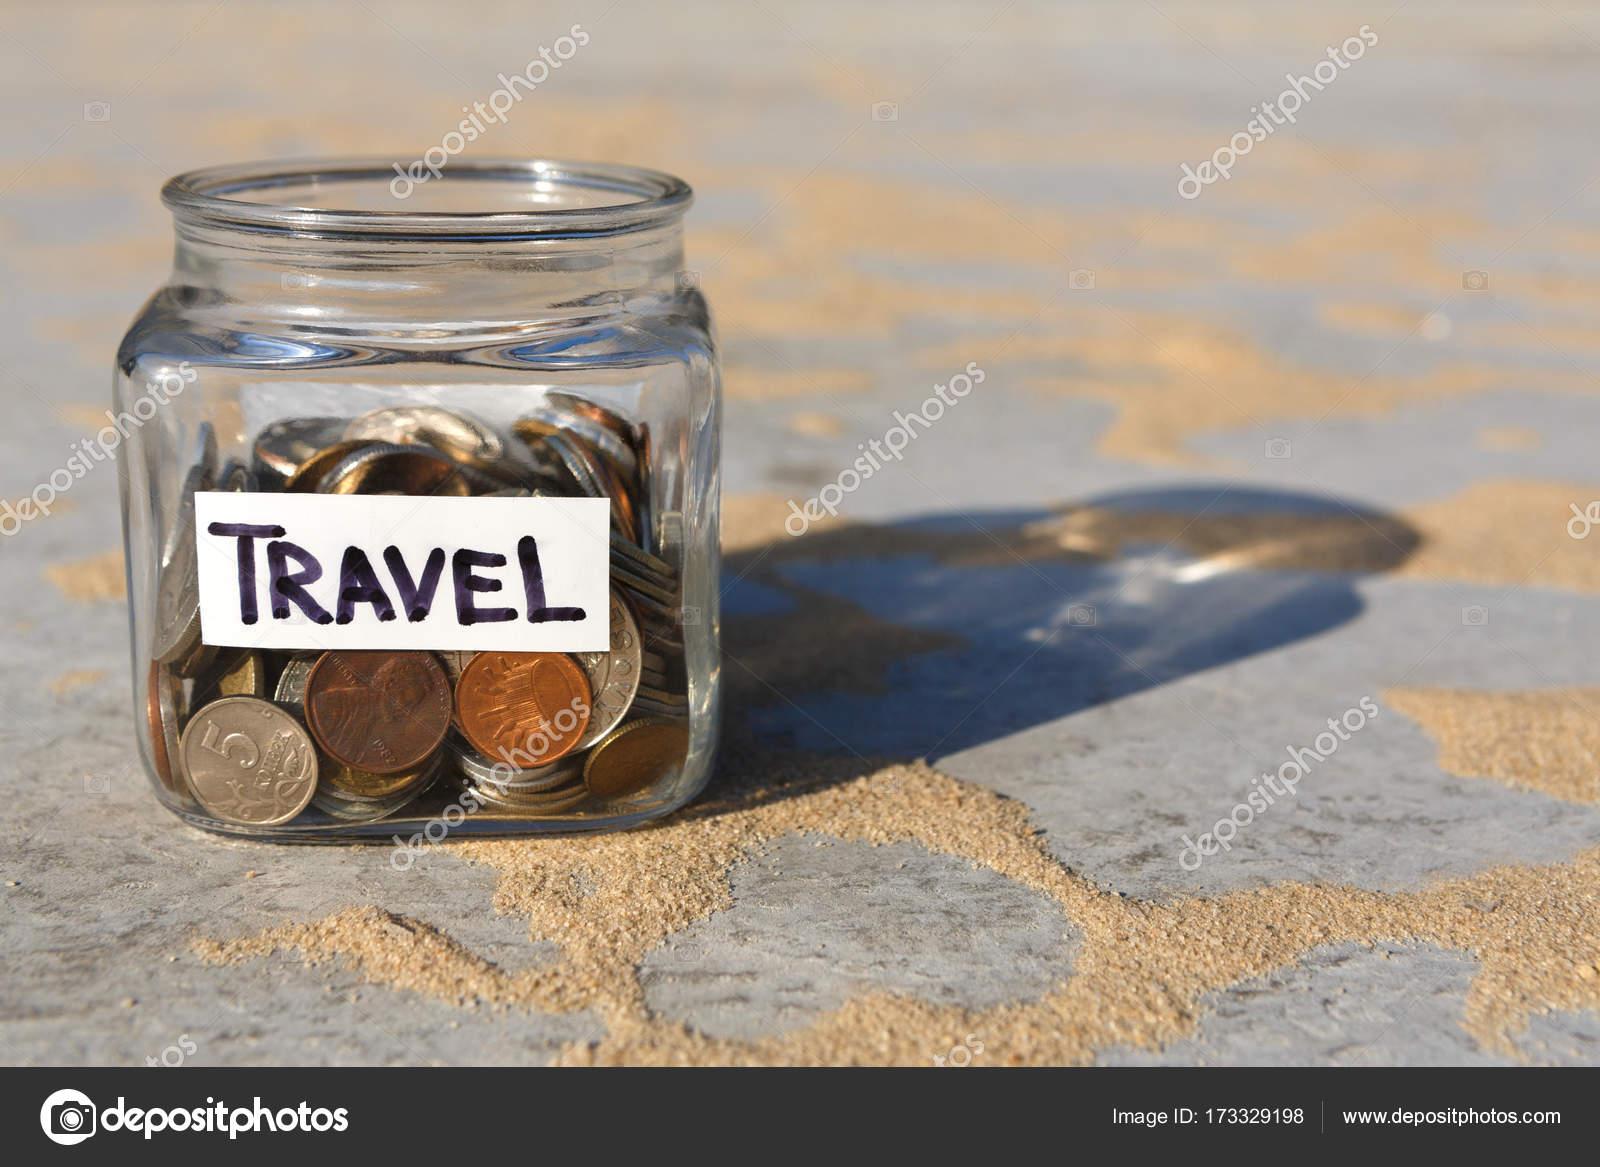 Fußboden Aus Münzen ~ Glas mit münzen für reisen textfreiraum u stockfoto milkos